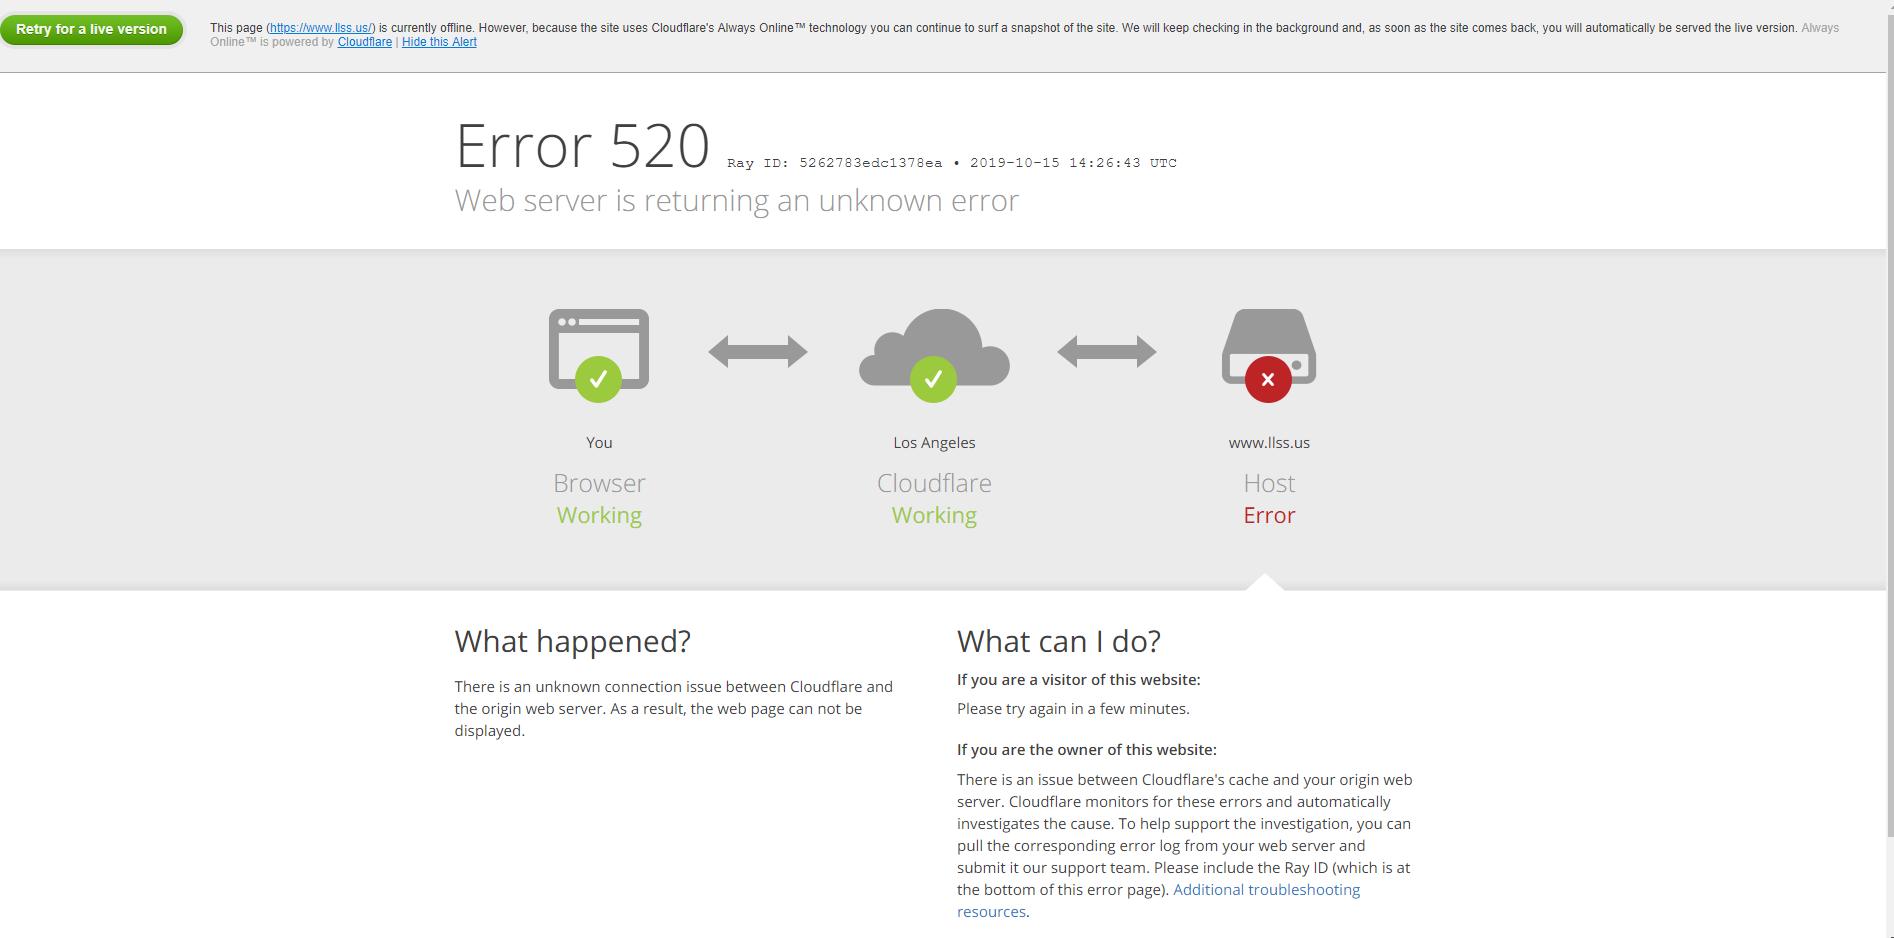 接入Cloudflare后报错520解决办法及CloudflareSSL部署